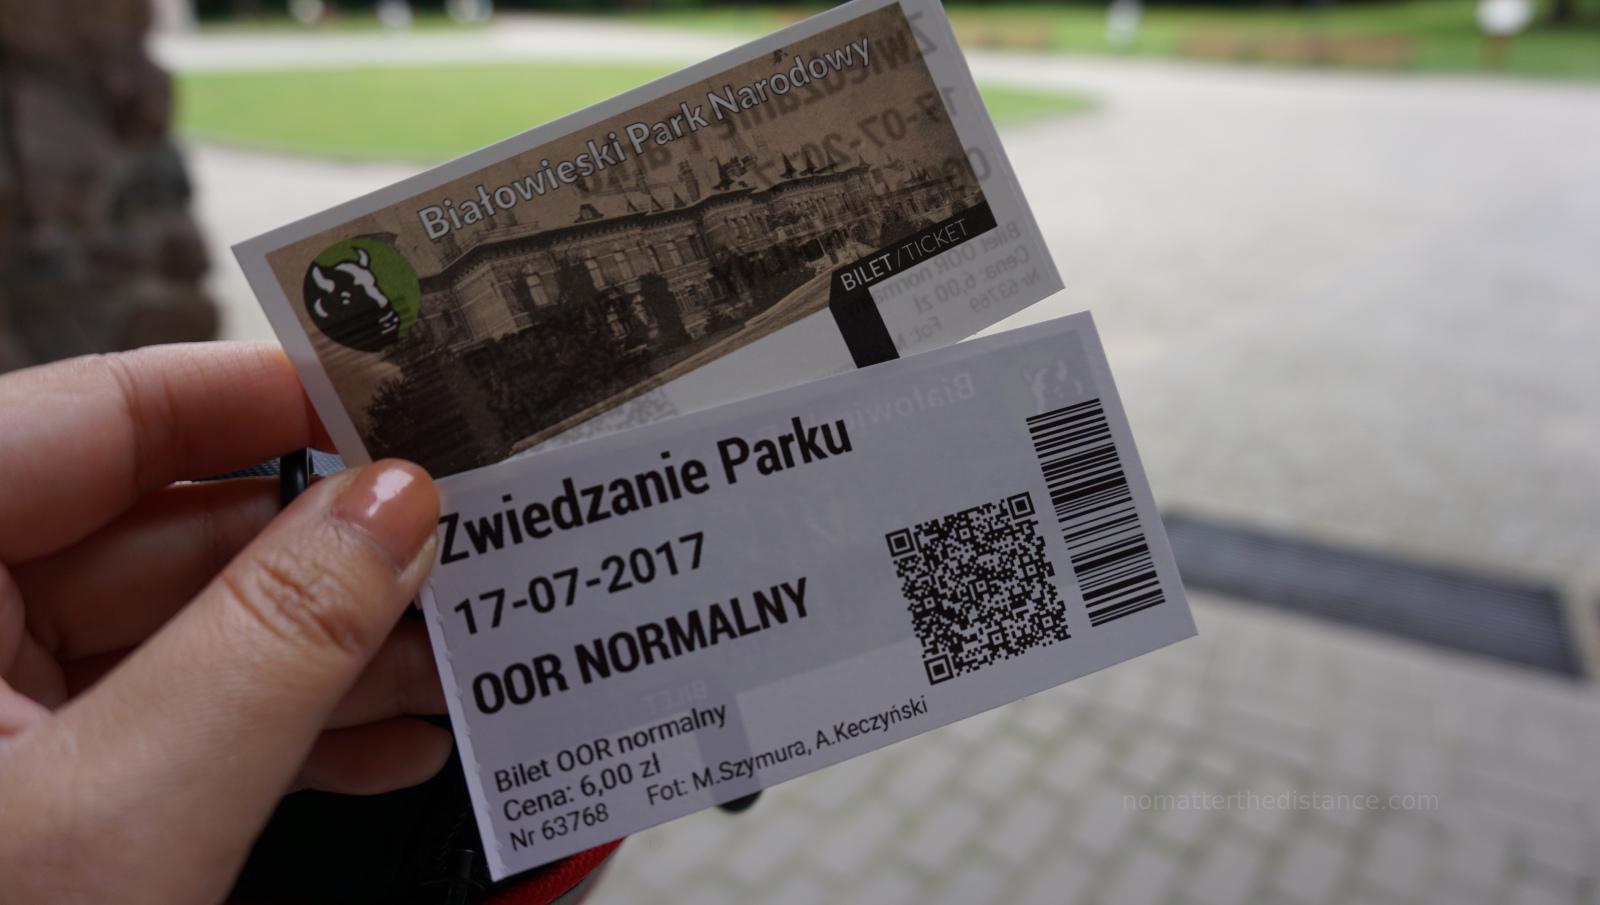 Park Bialowieski - Bilet